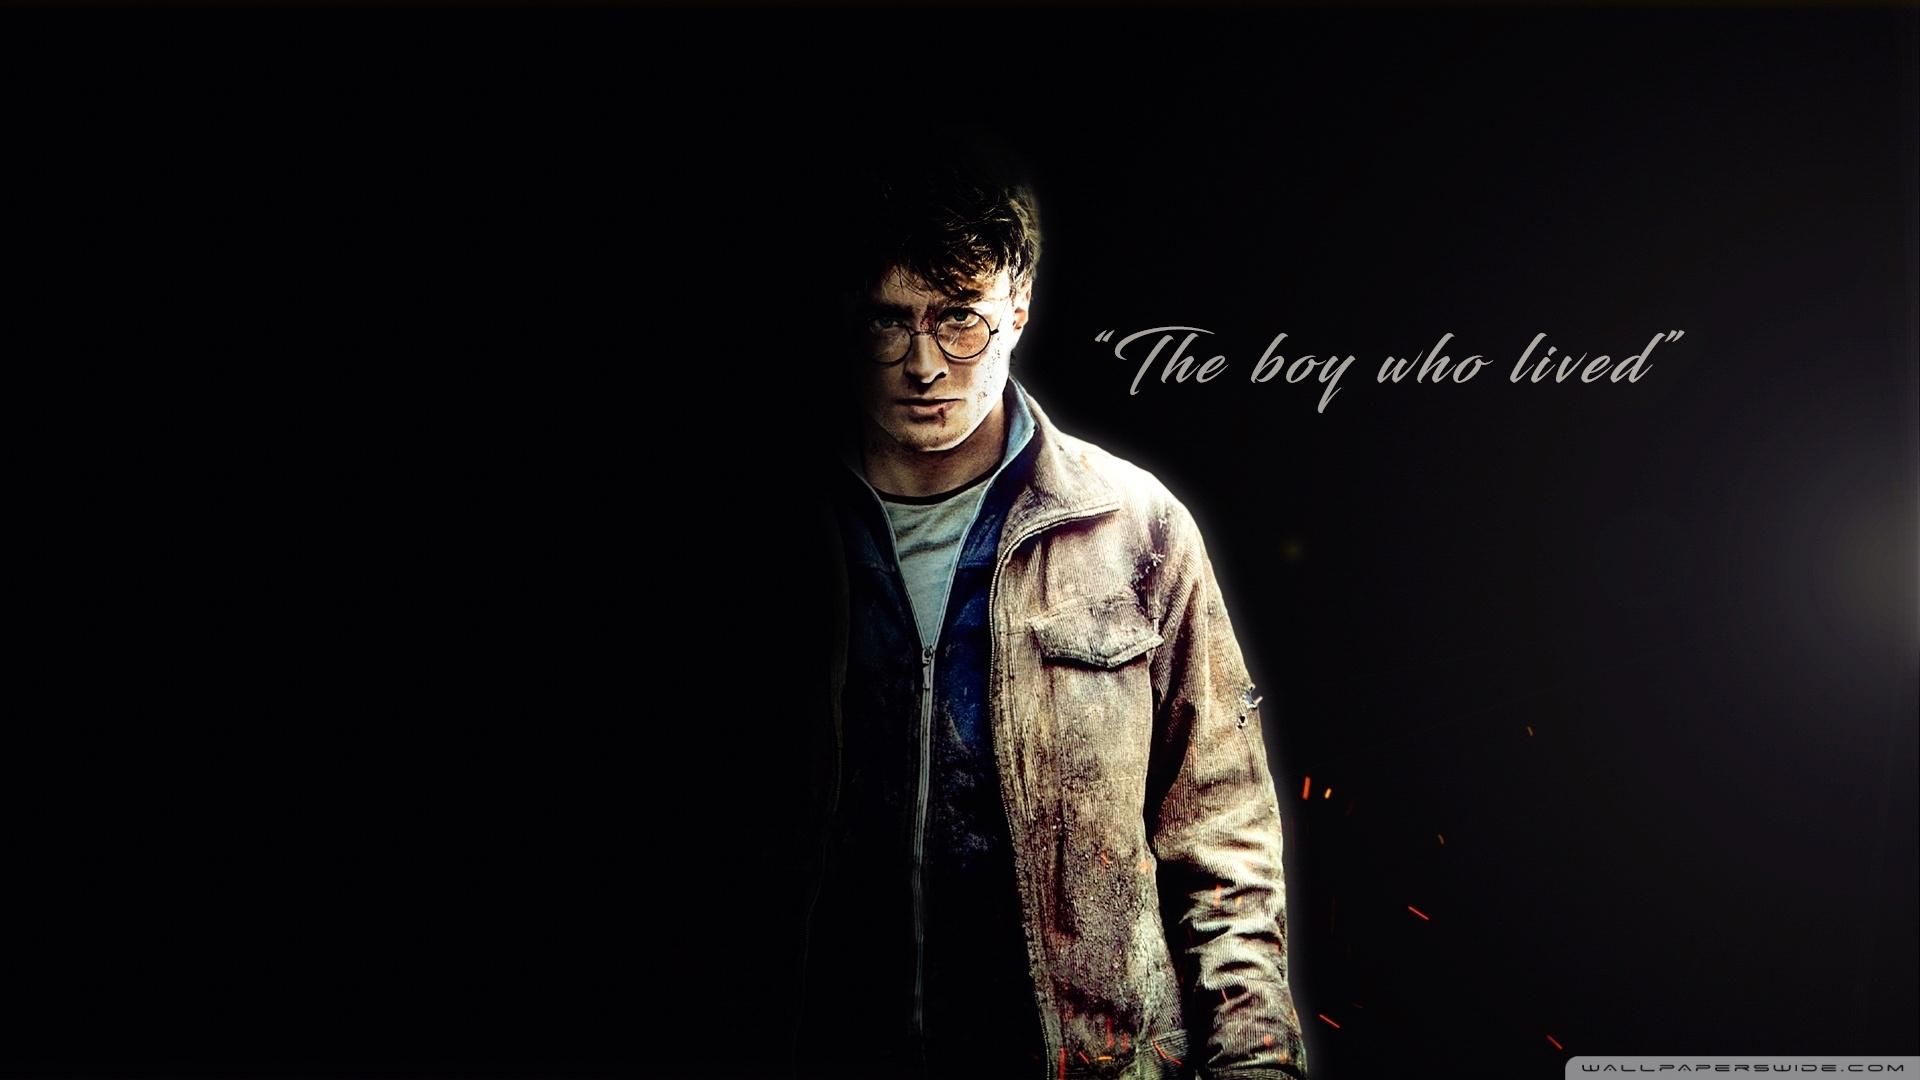 harry potter - the boy who lived ❤ 4k hd desktop wallpaper for 4k